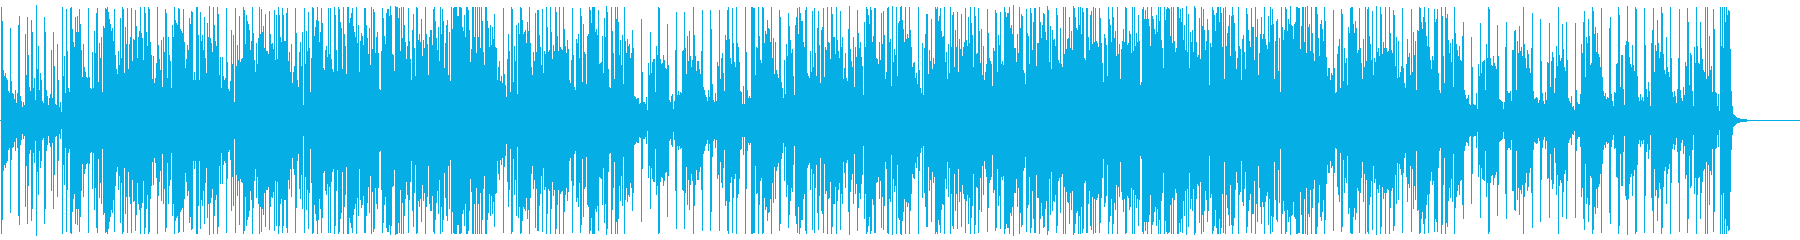 ガムランが旋律のアジアンテイストファンクの再生済みの波形